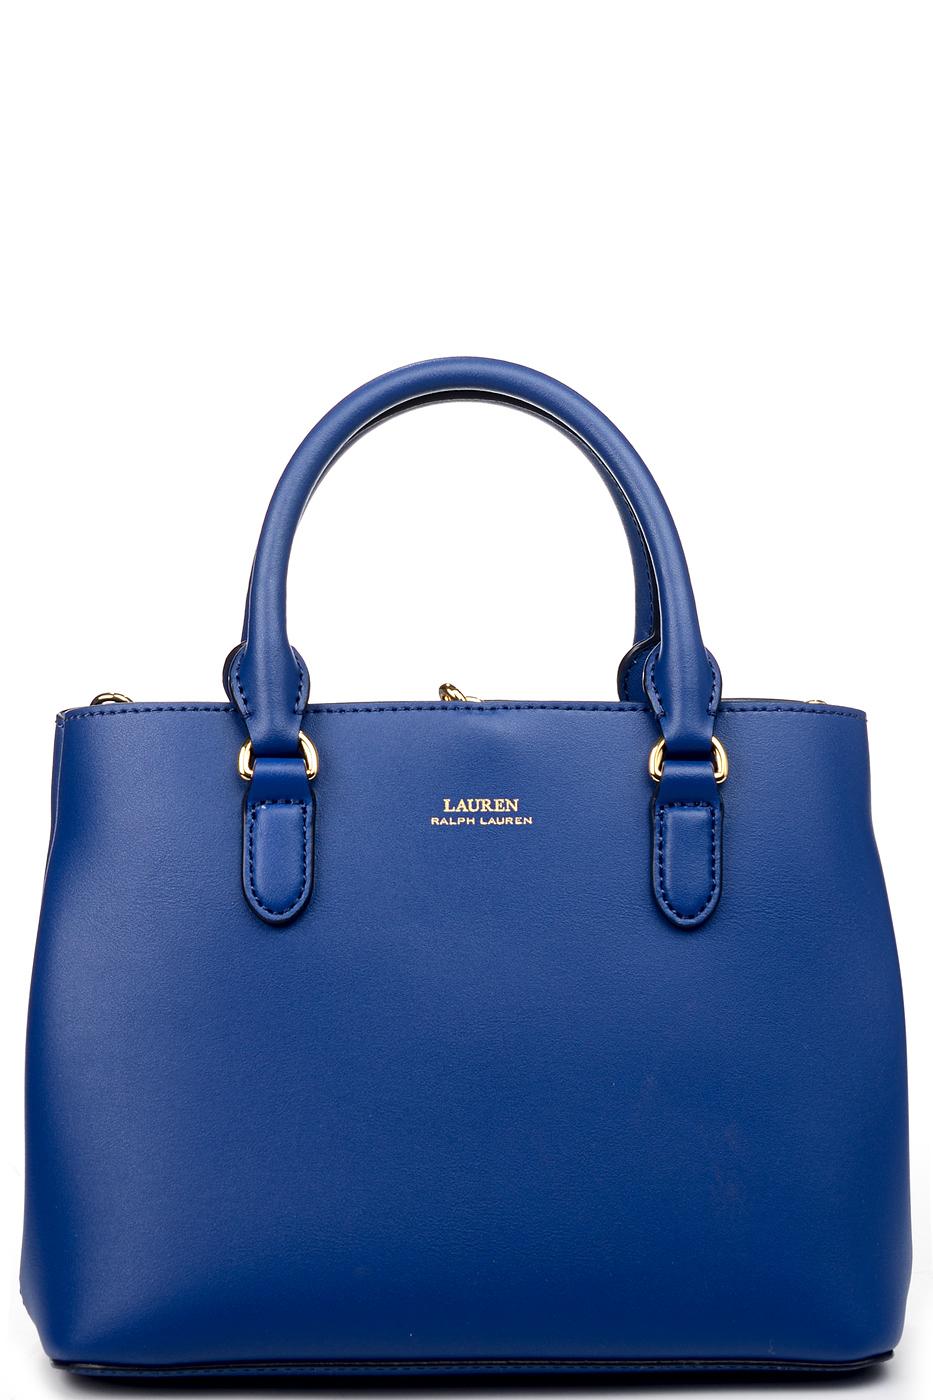 Сумка женская LAUREN RALPH LAUREN B32433-LR431719699007 синяя фото